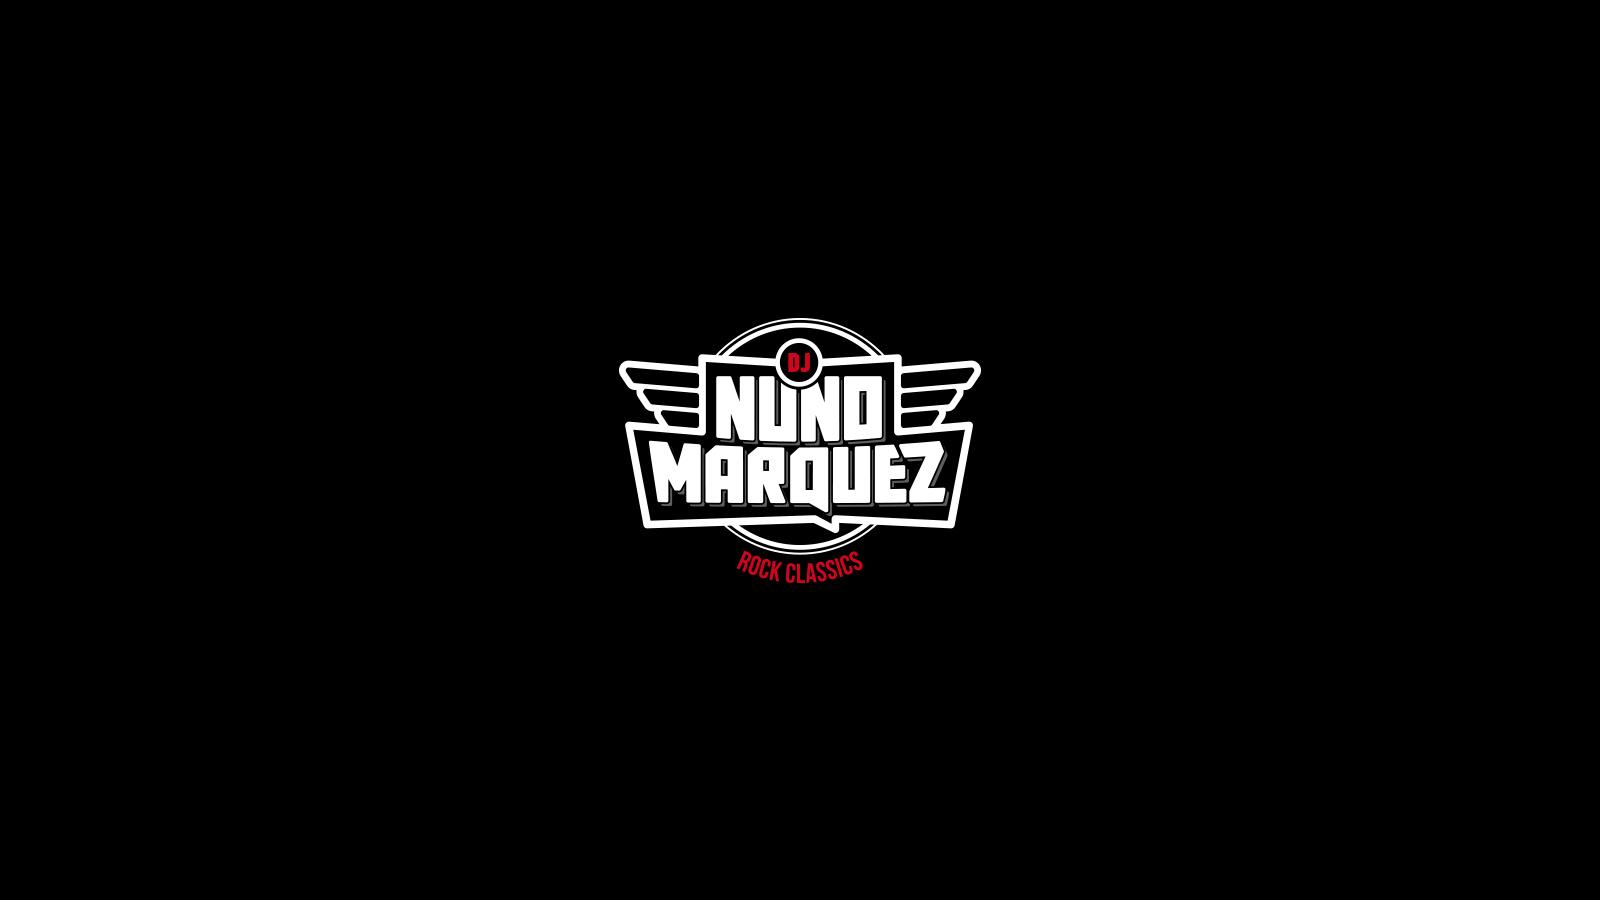 DJ Nuno Marquez - Header 01